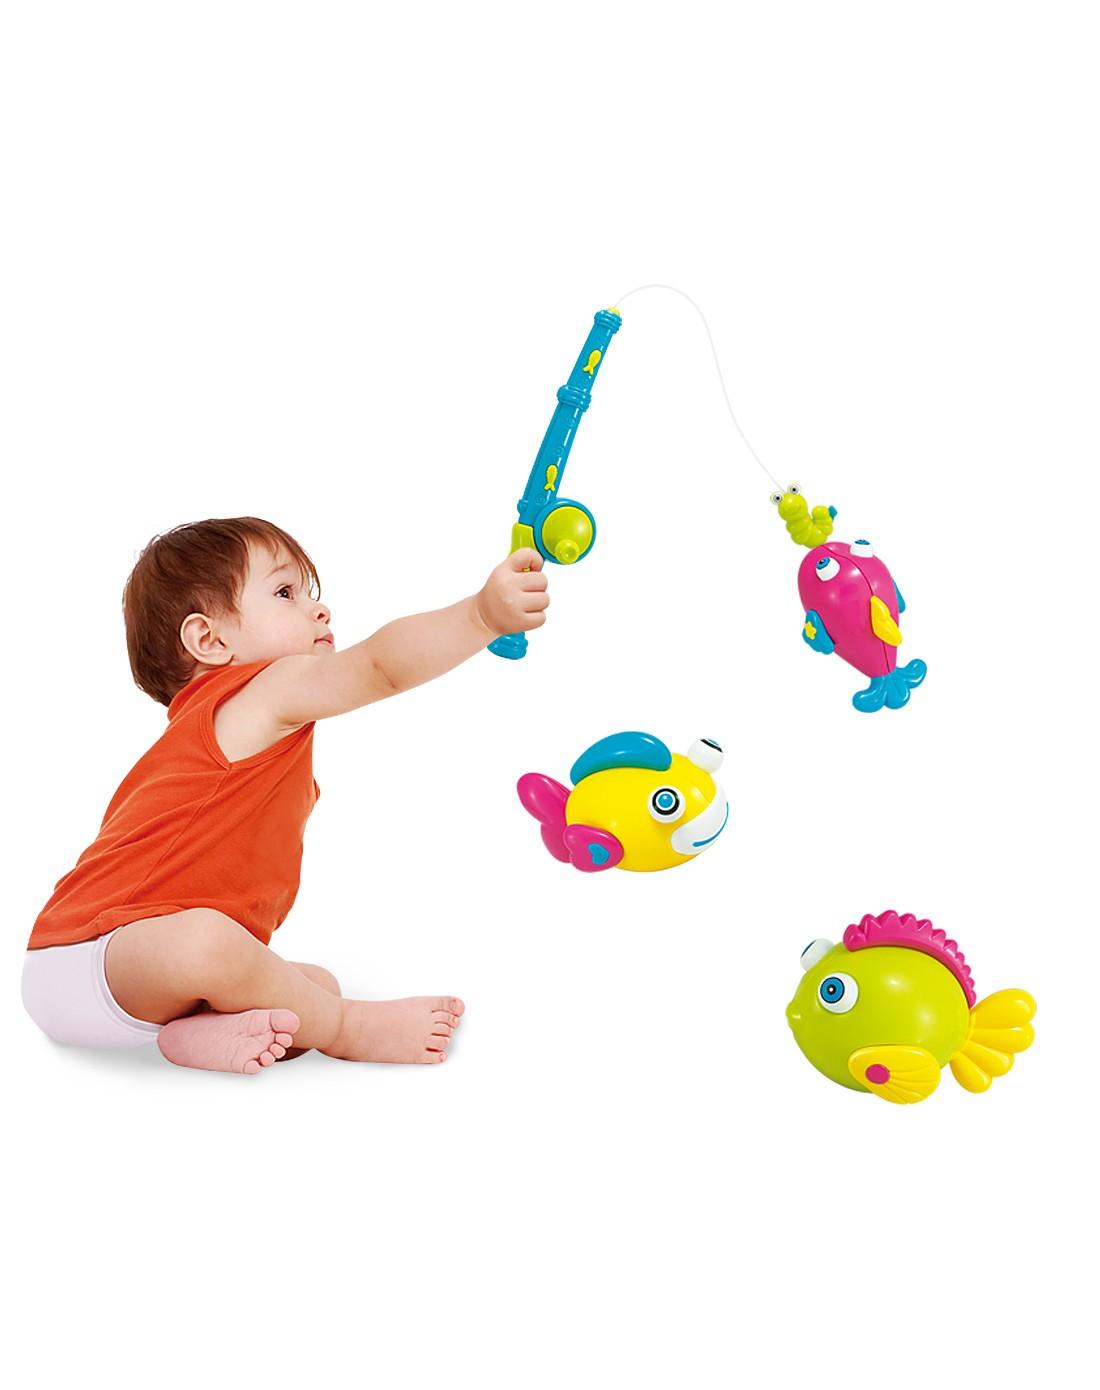 婴幼儿玩具专场 > 宝宝超萌磁性钓鱼玩具